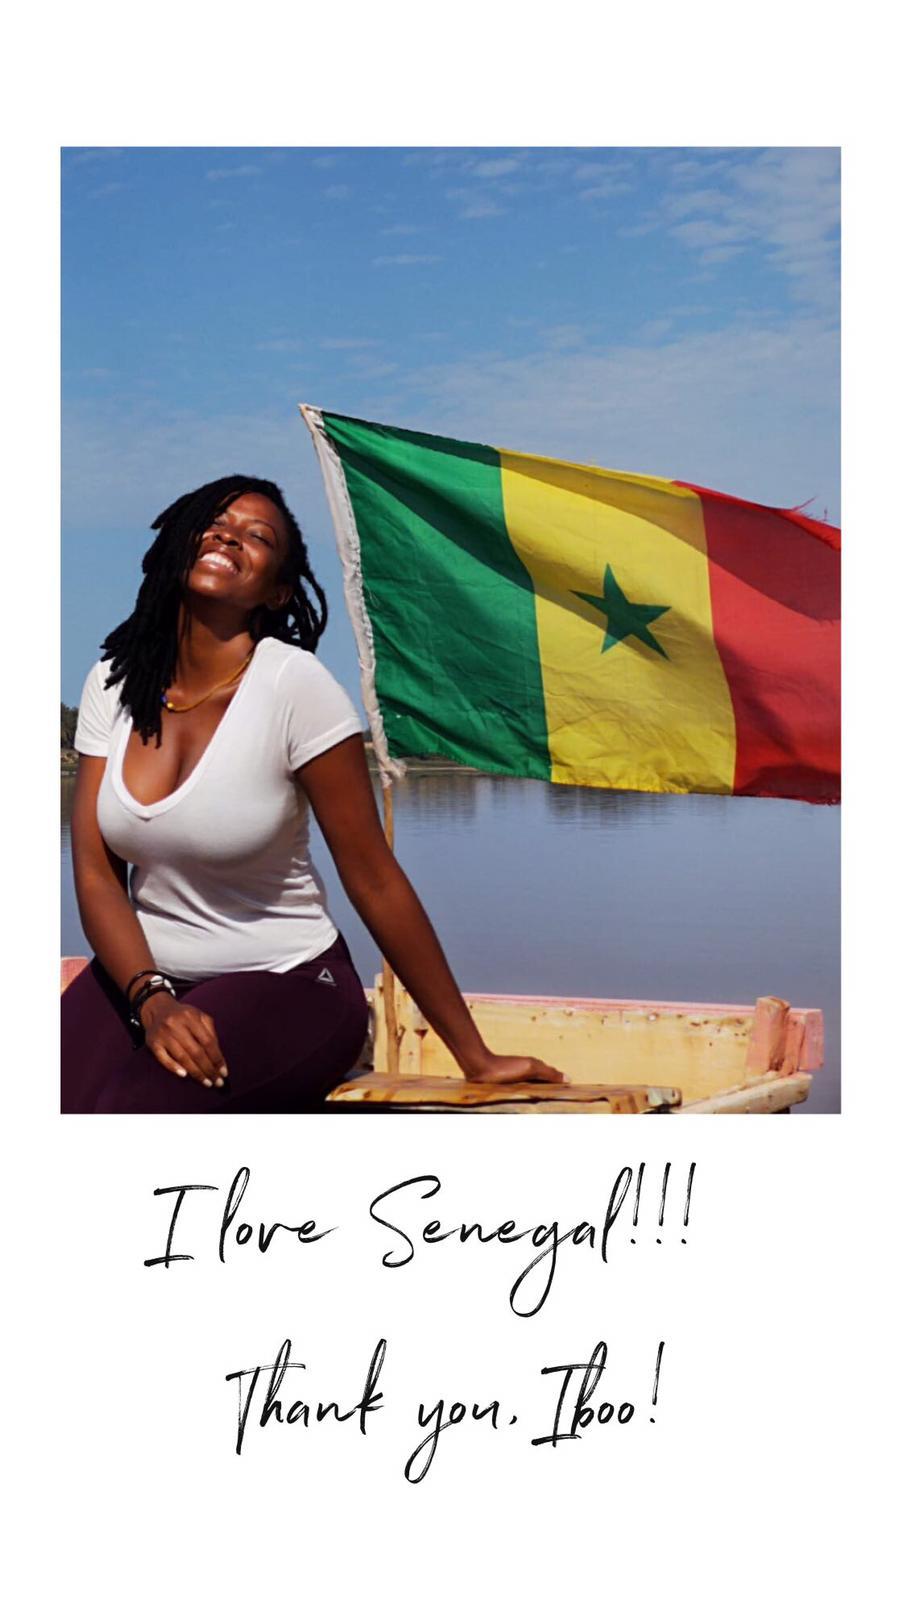 Le tourisme au Senegal, Récit d'une américaine à la découverte du Sénégal avec IBOO